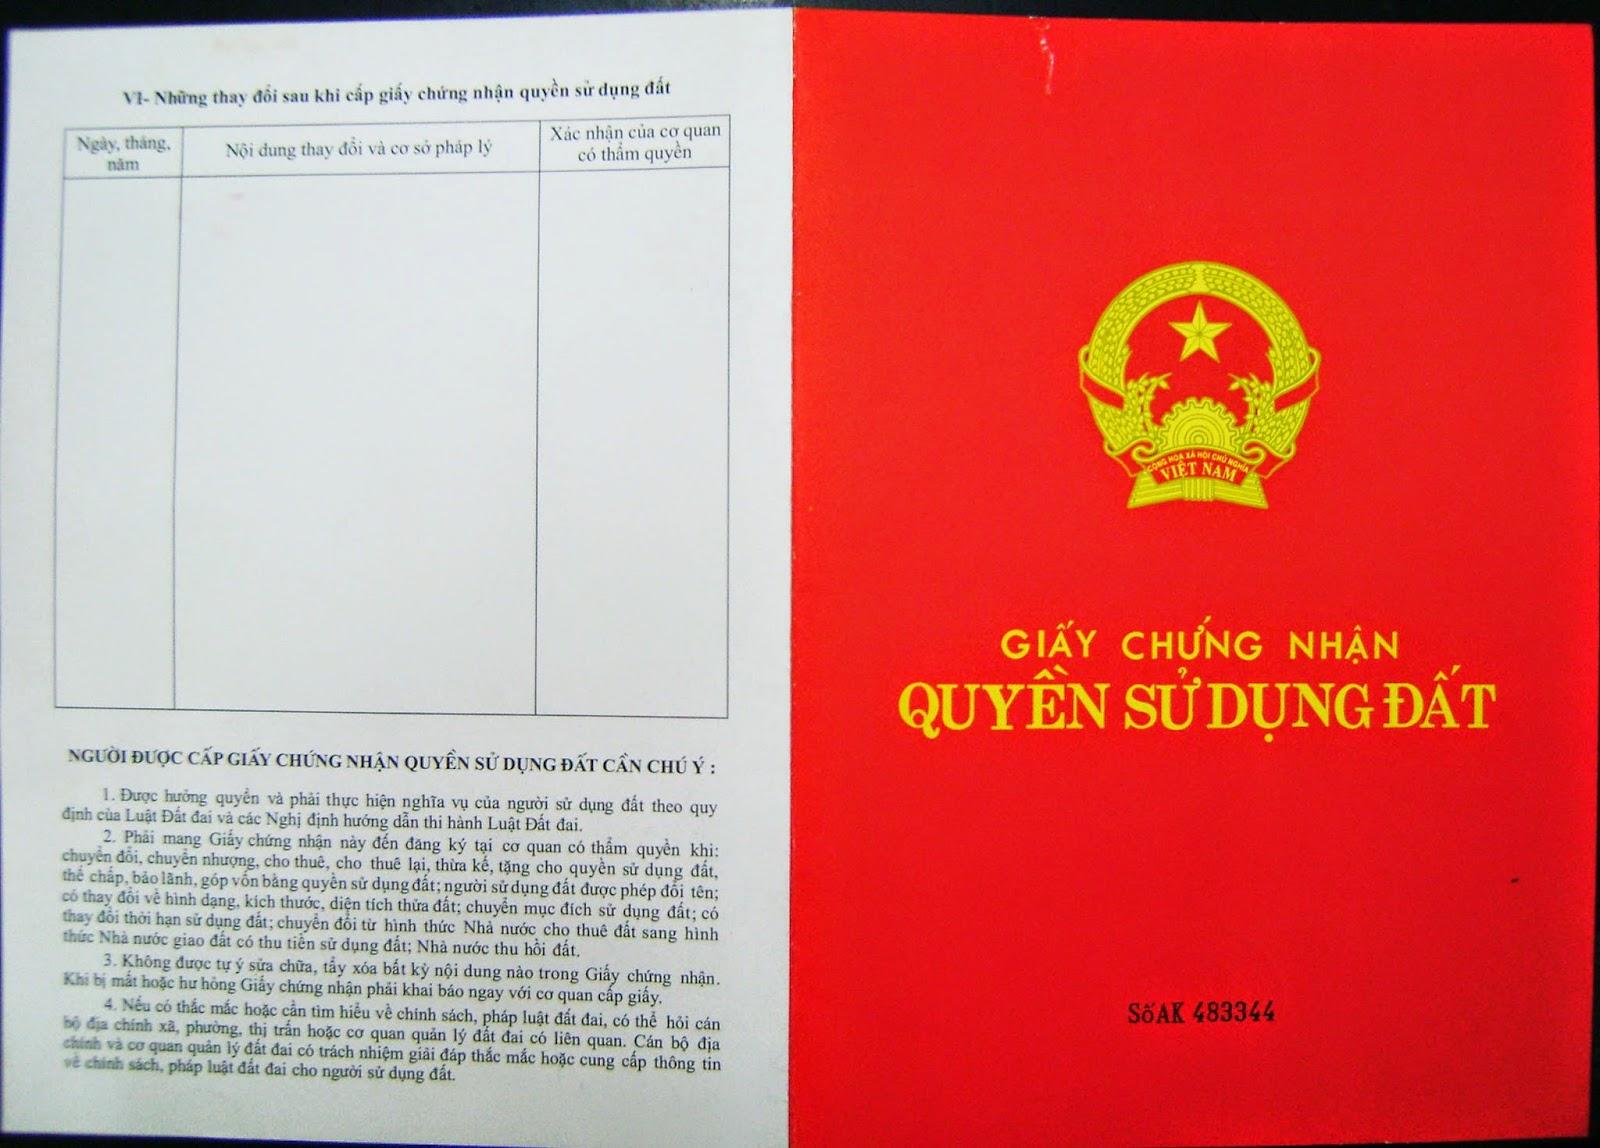 Sang tên giấy chứng nhận quyền sử dụng đất trong trường hợp nhận thừa kế